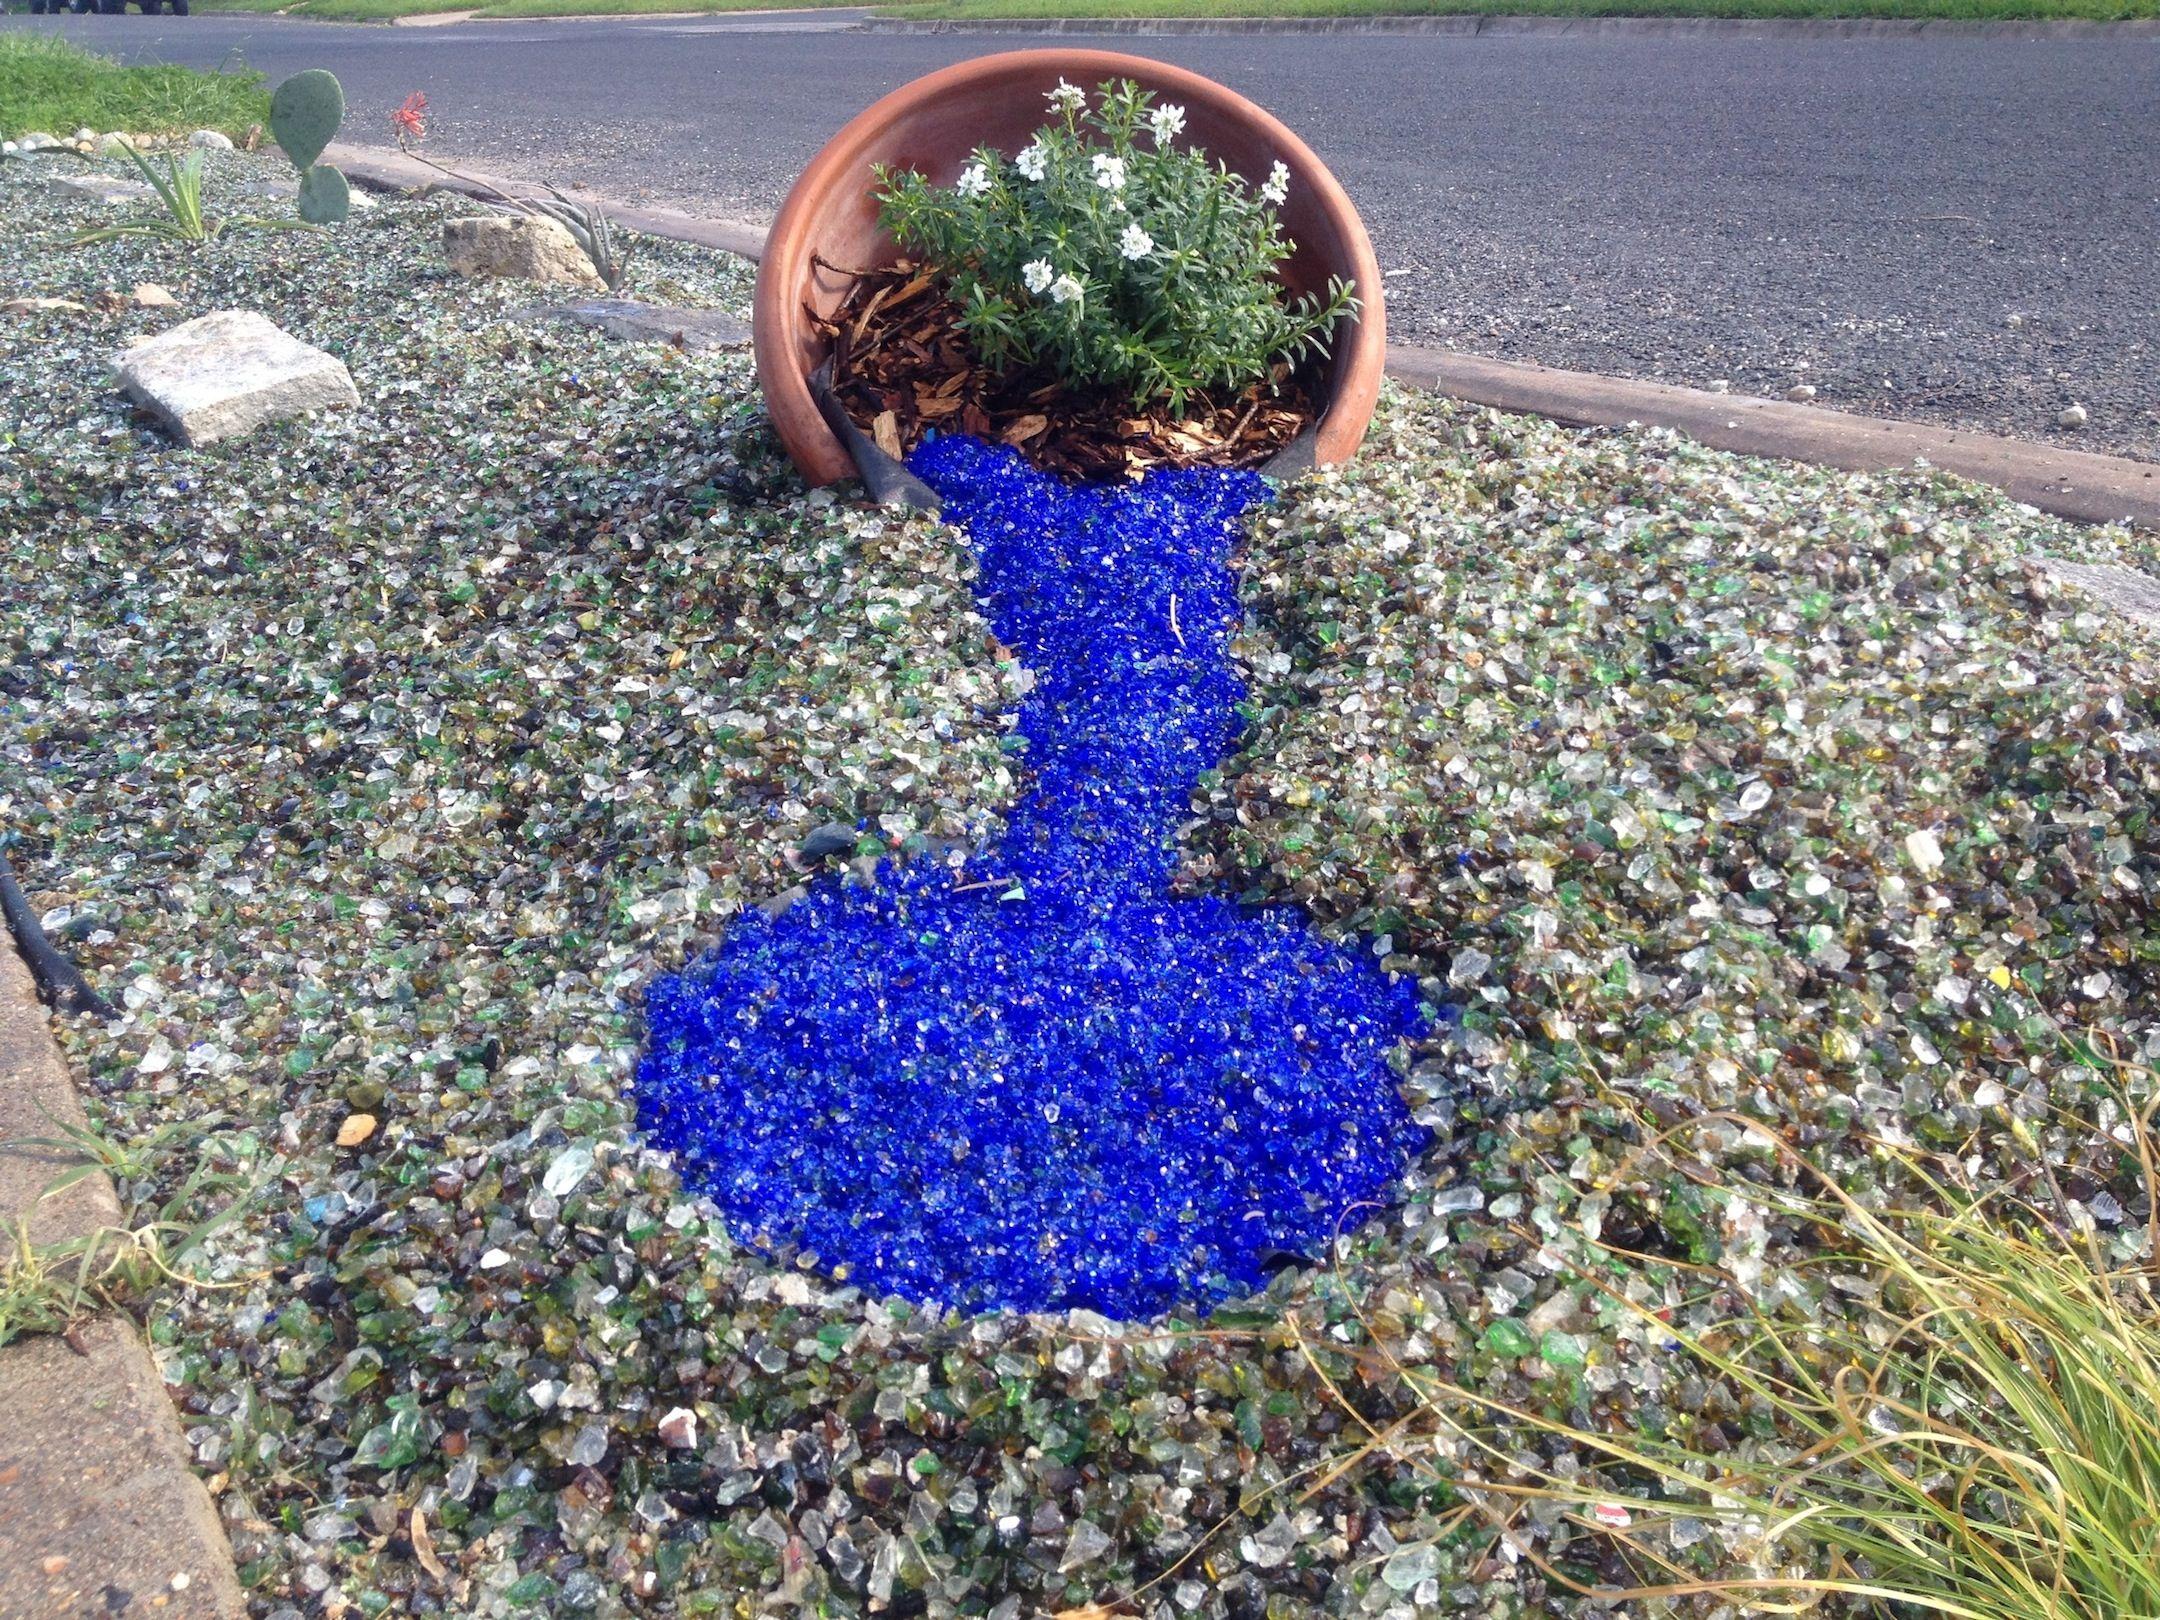 blue recycled glass landscape glass mulch landscape backyard